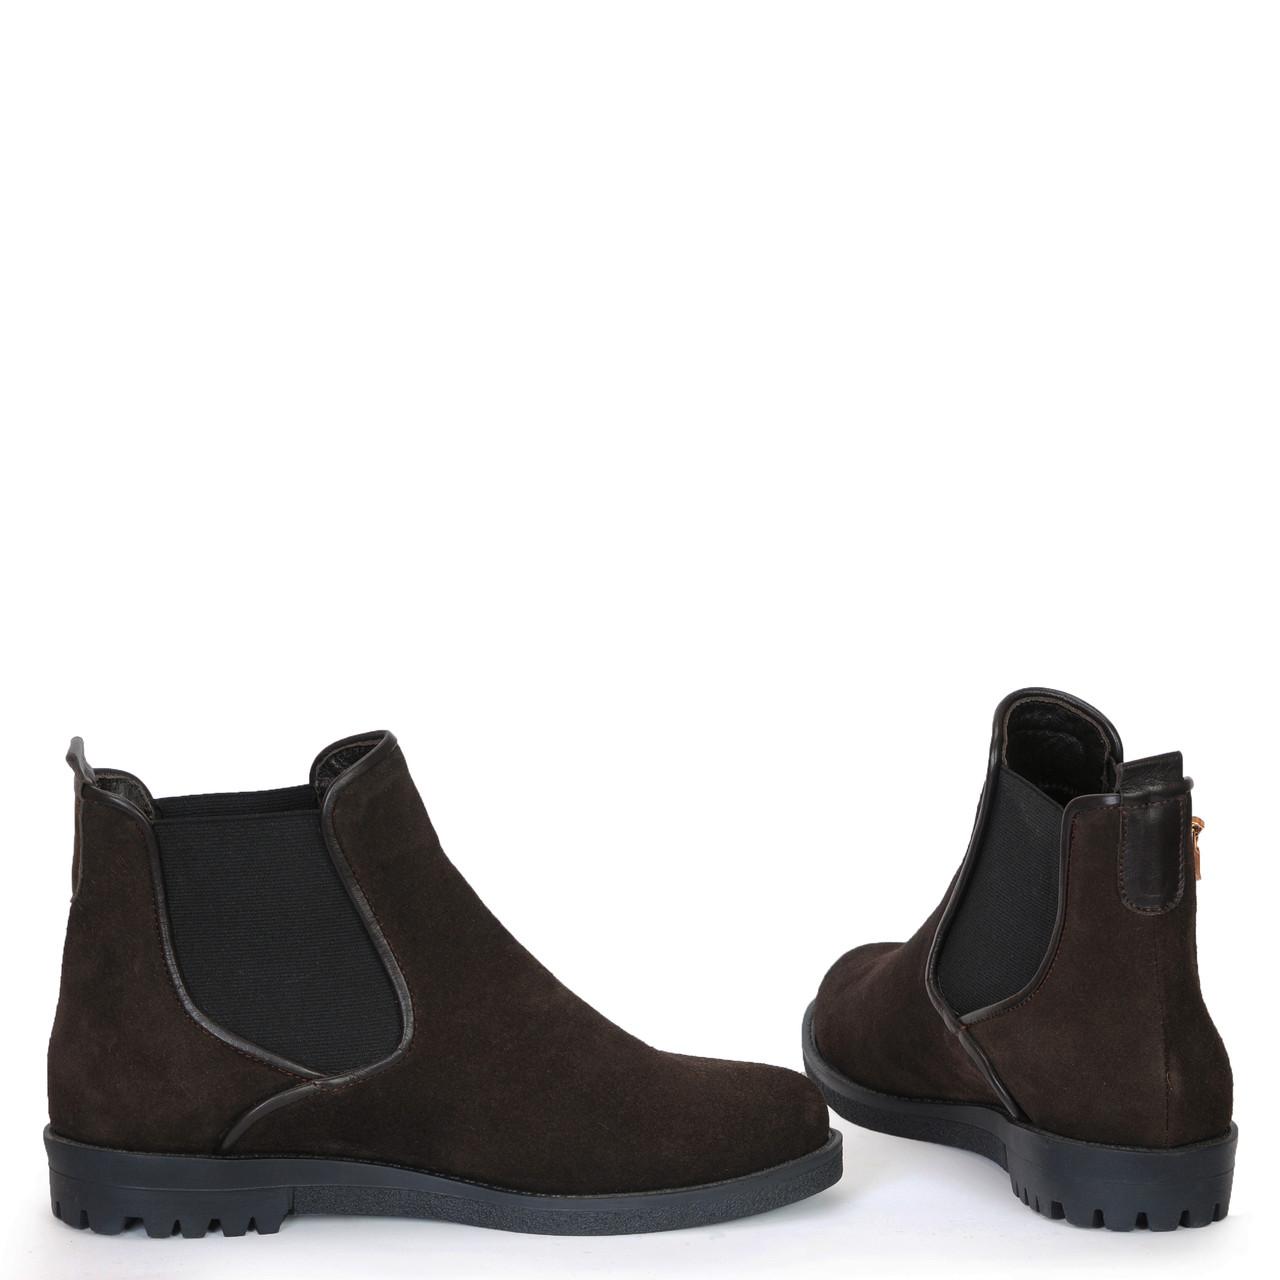 Женские кожаные замшевые ботинки полуботинки  челси TIFFANY на низком каблуке